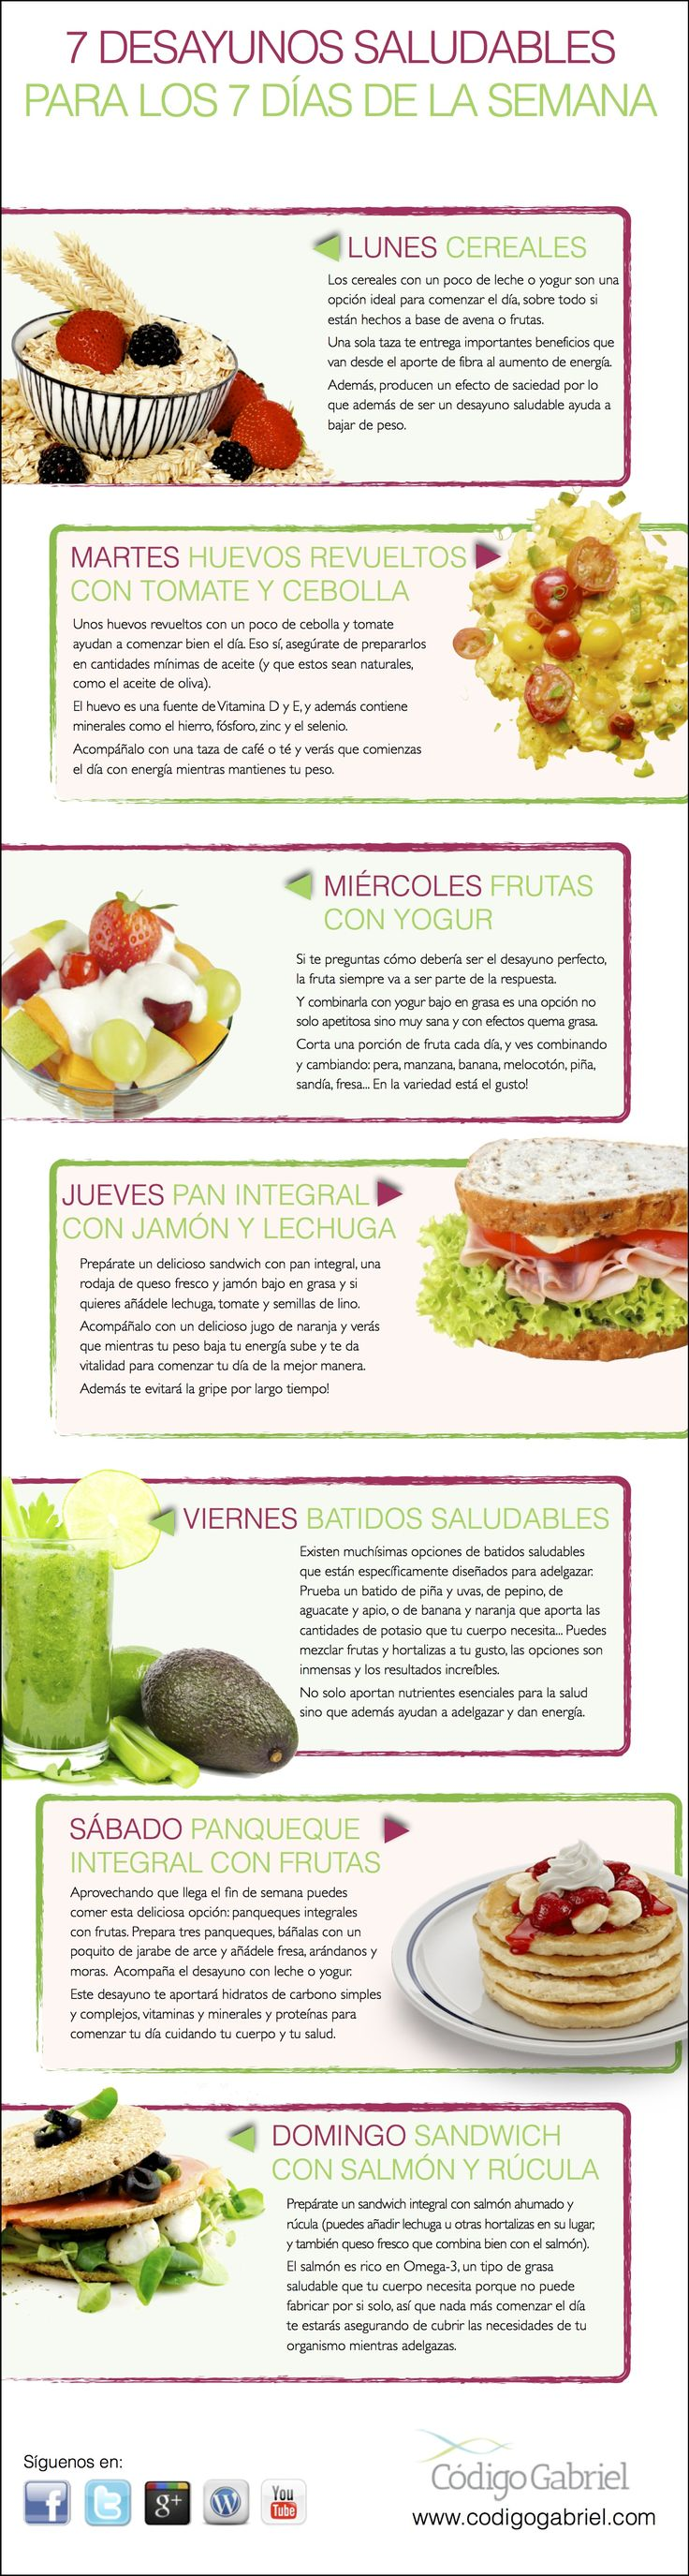 5 Ideas de desayunos saludables para la semana ;) #salud #bienestar